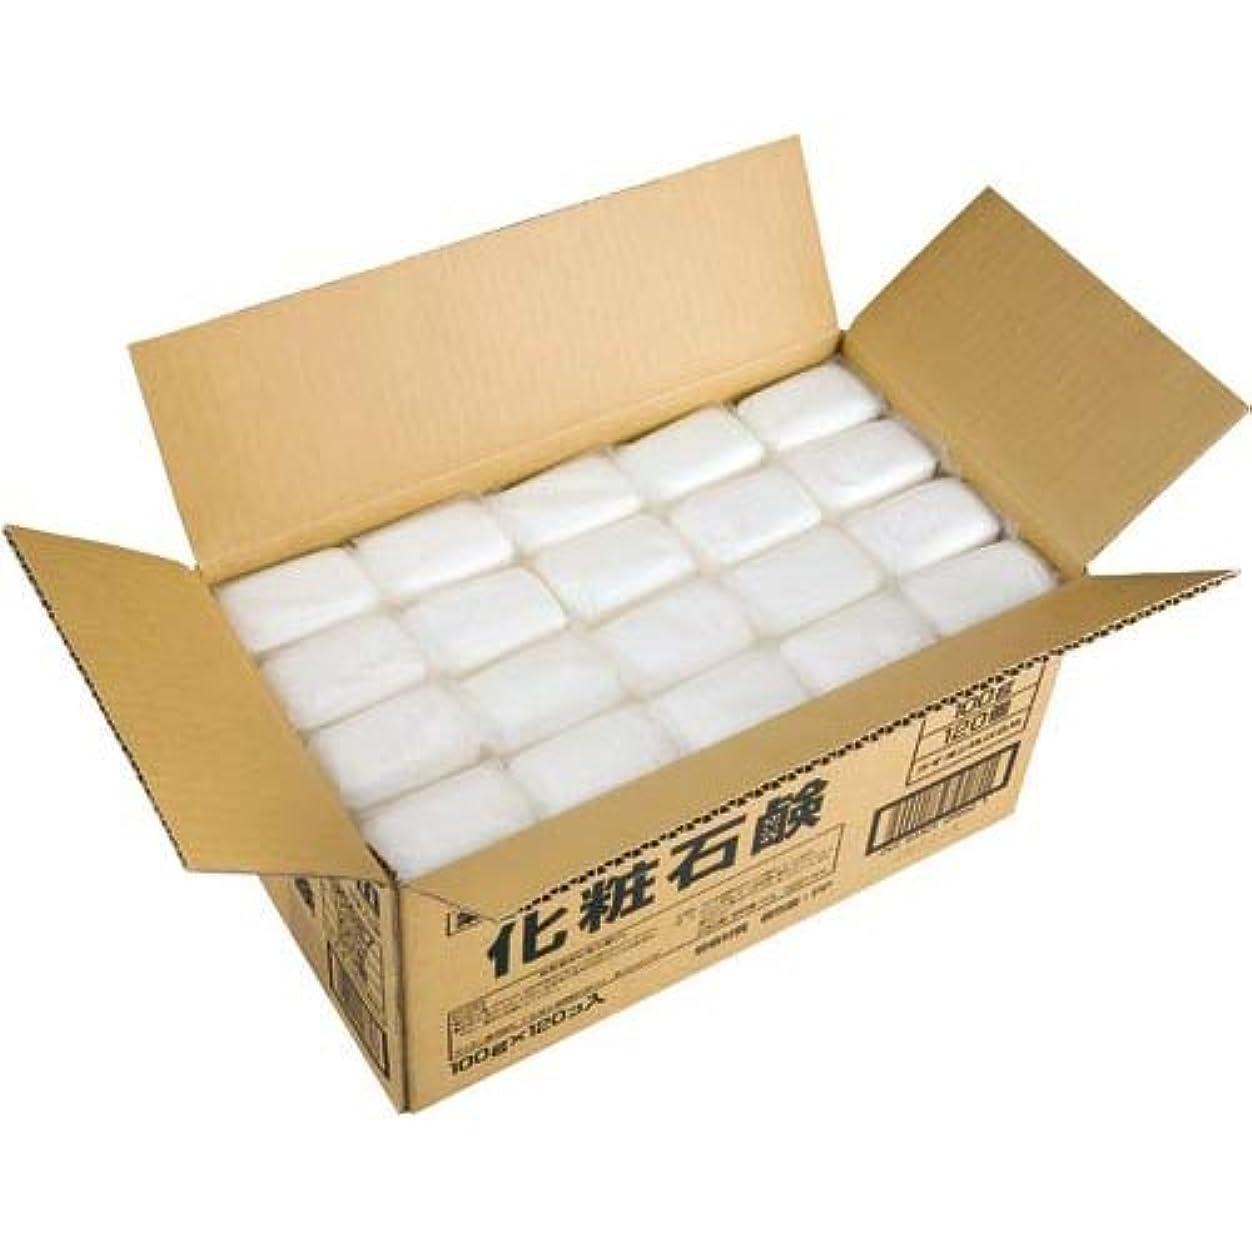 ラリー不安名詞ライオン 植物物語 化粧石鹸 (100g×120入)